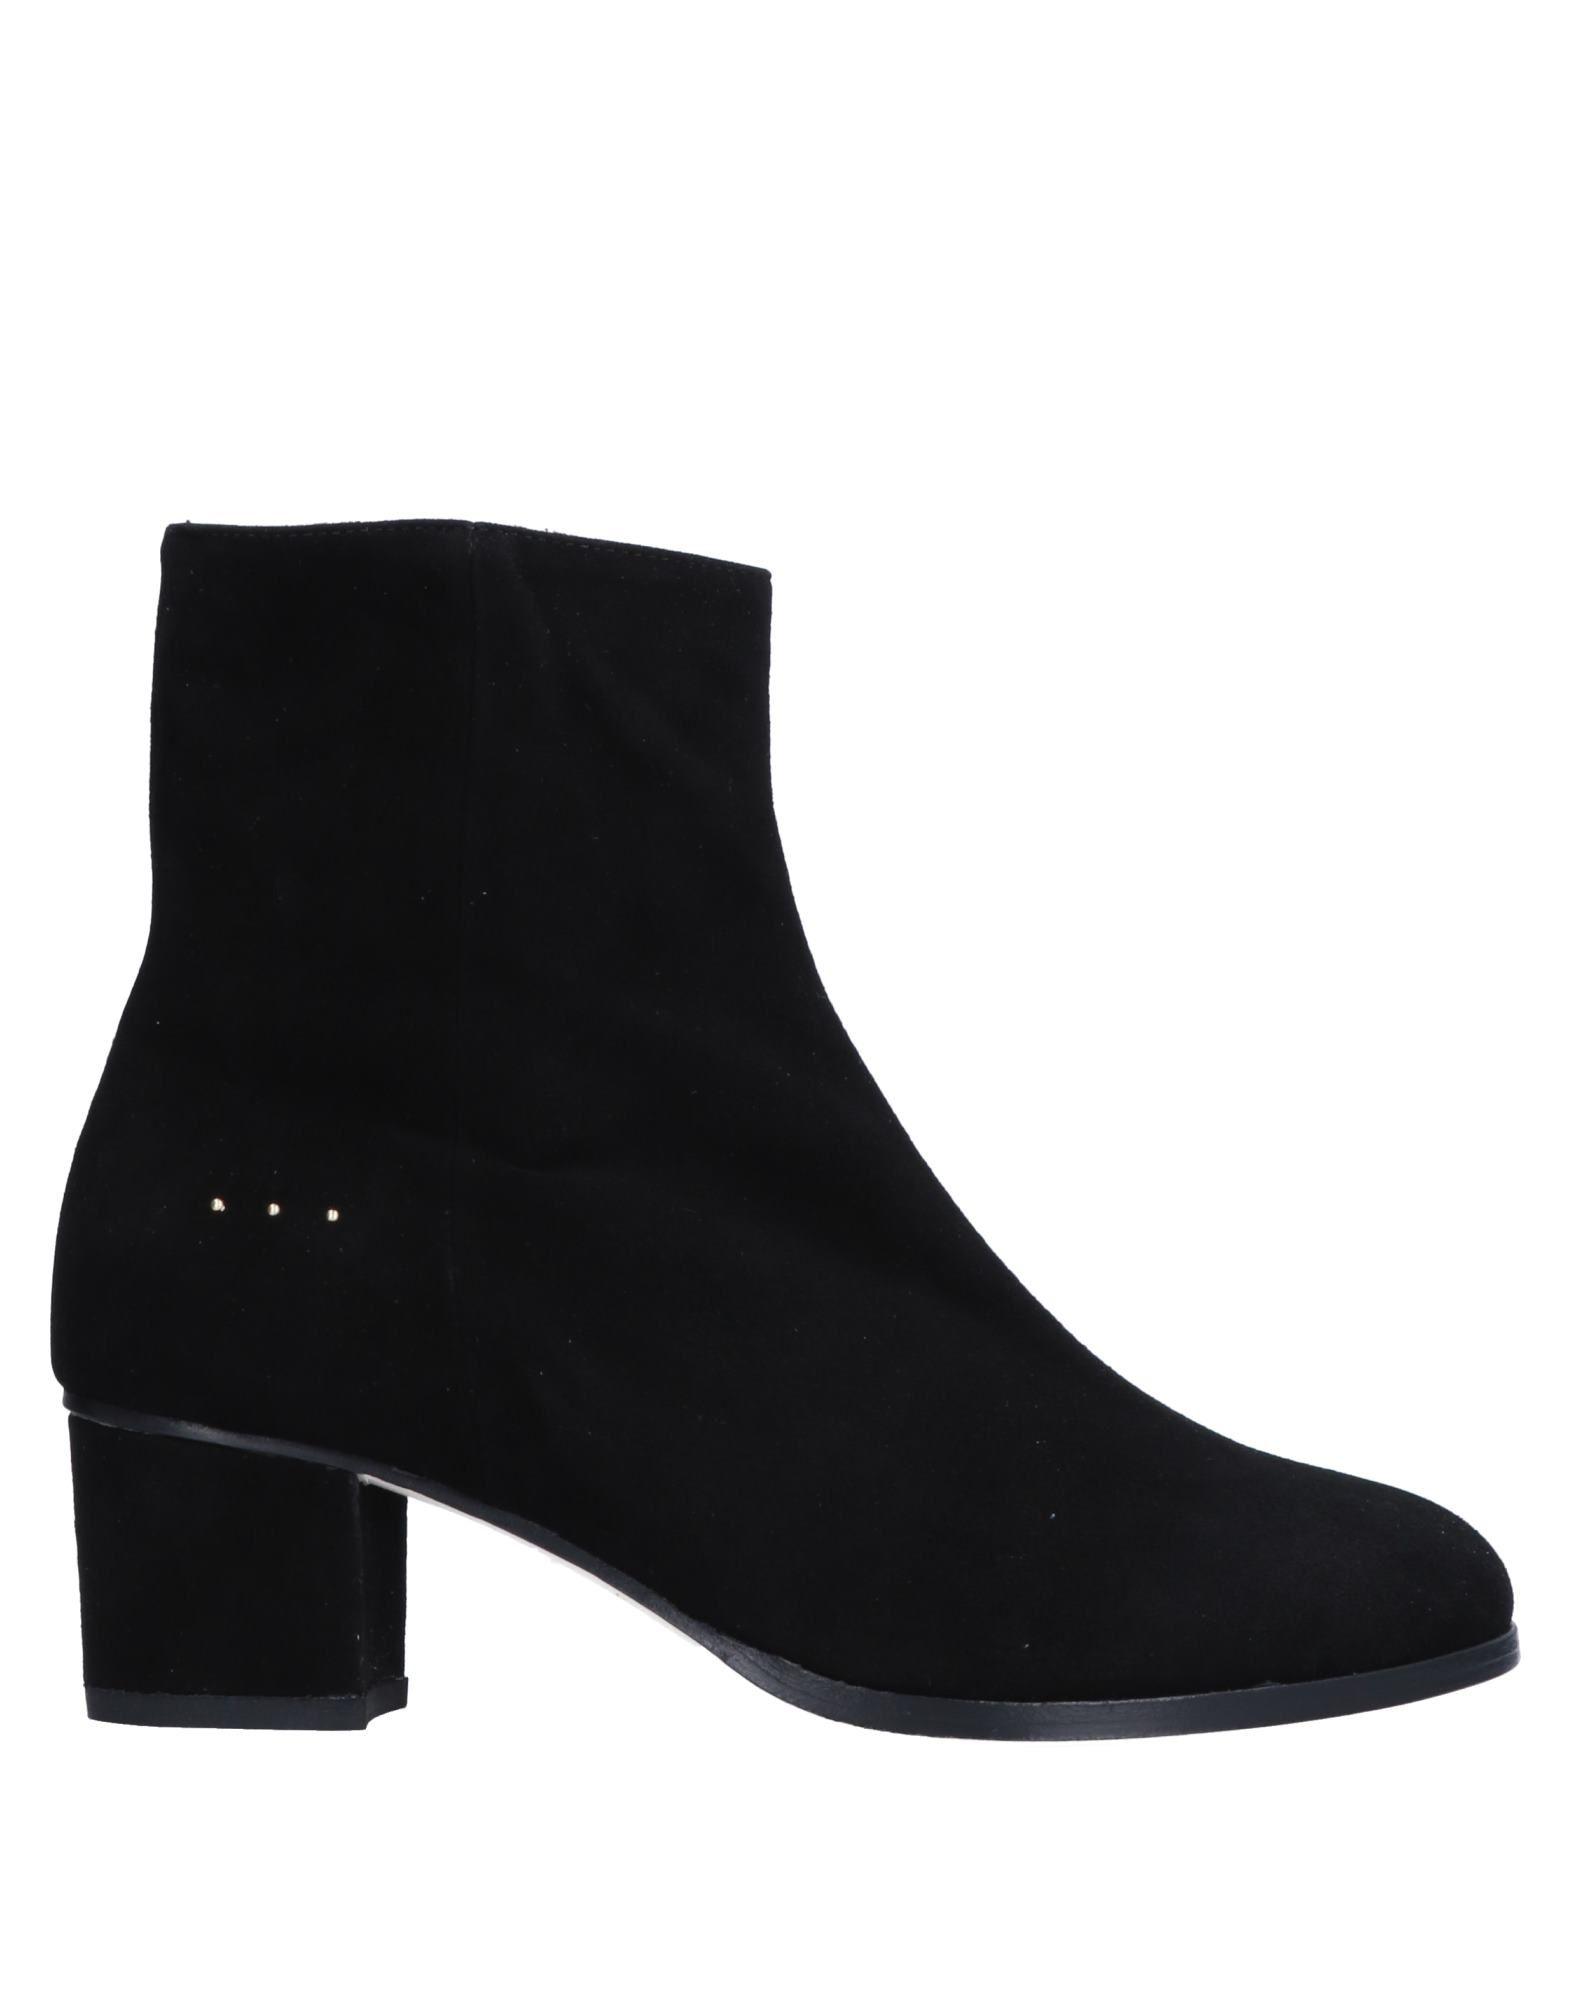 Stivaletti L'f Shoes Shoes L'f Donna - 11549965GL 1ff2a8